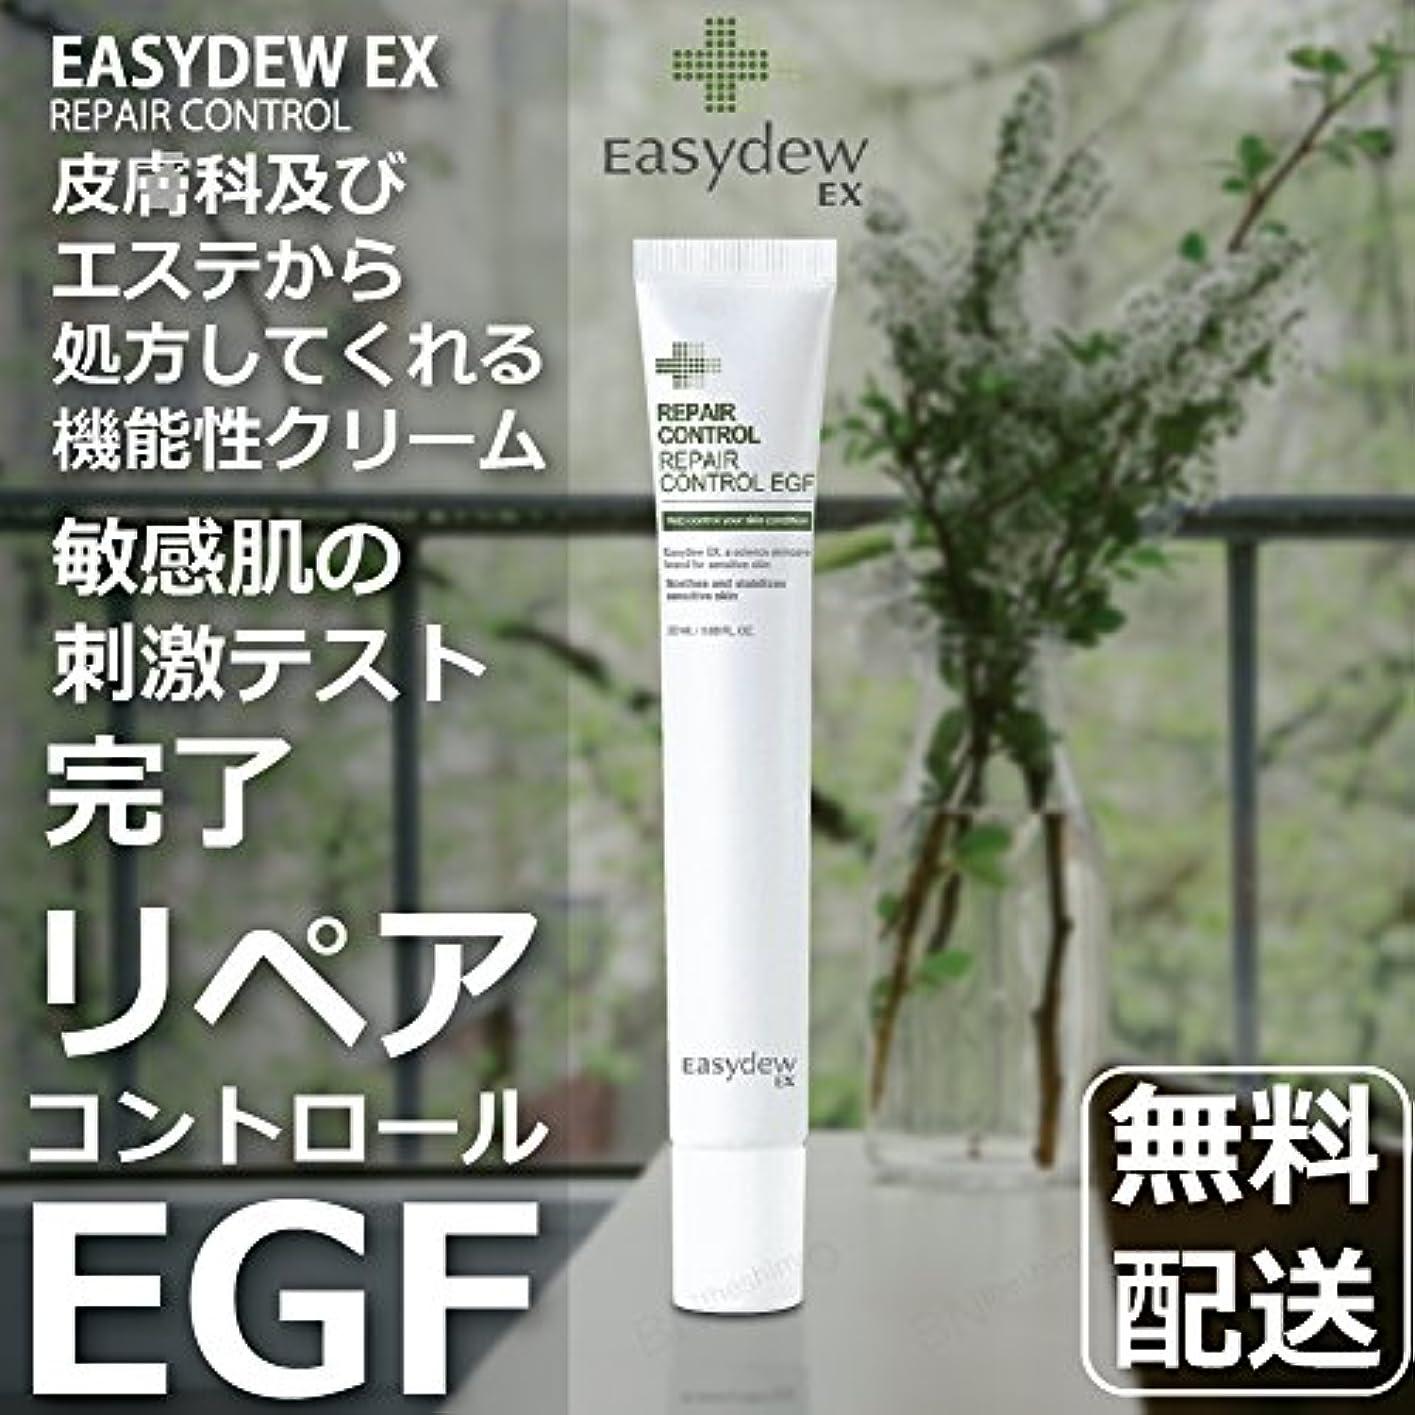 歩行者甘美な苦しめるデウン製薬 リペア コントロール EGF 20ml. Repair Control EGF 20ml.